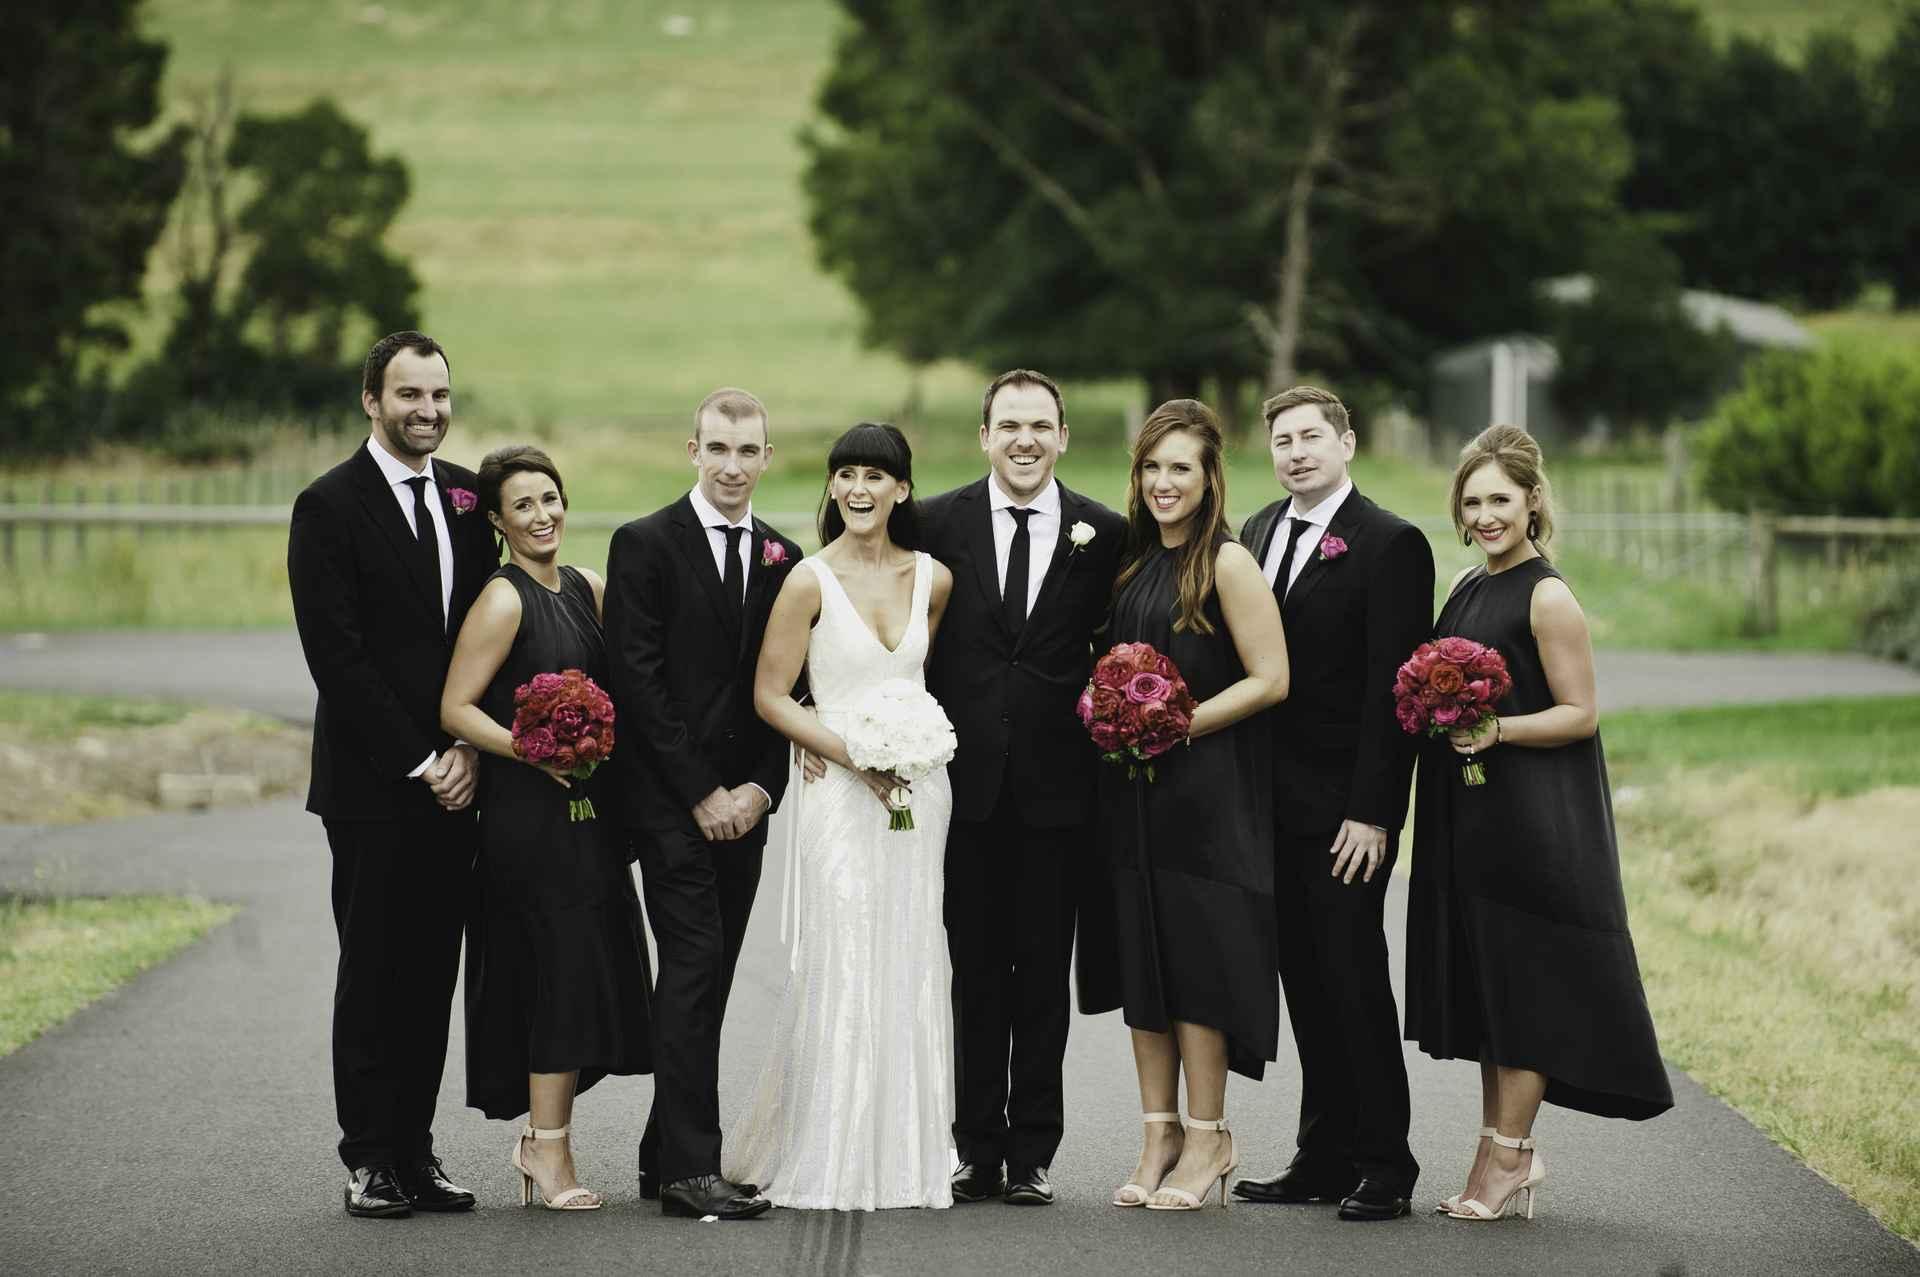 Stephanie briggs wedding